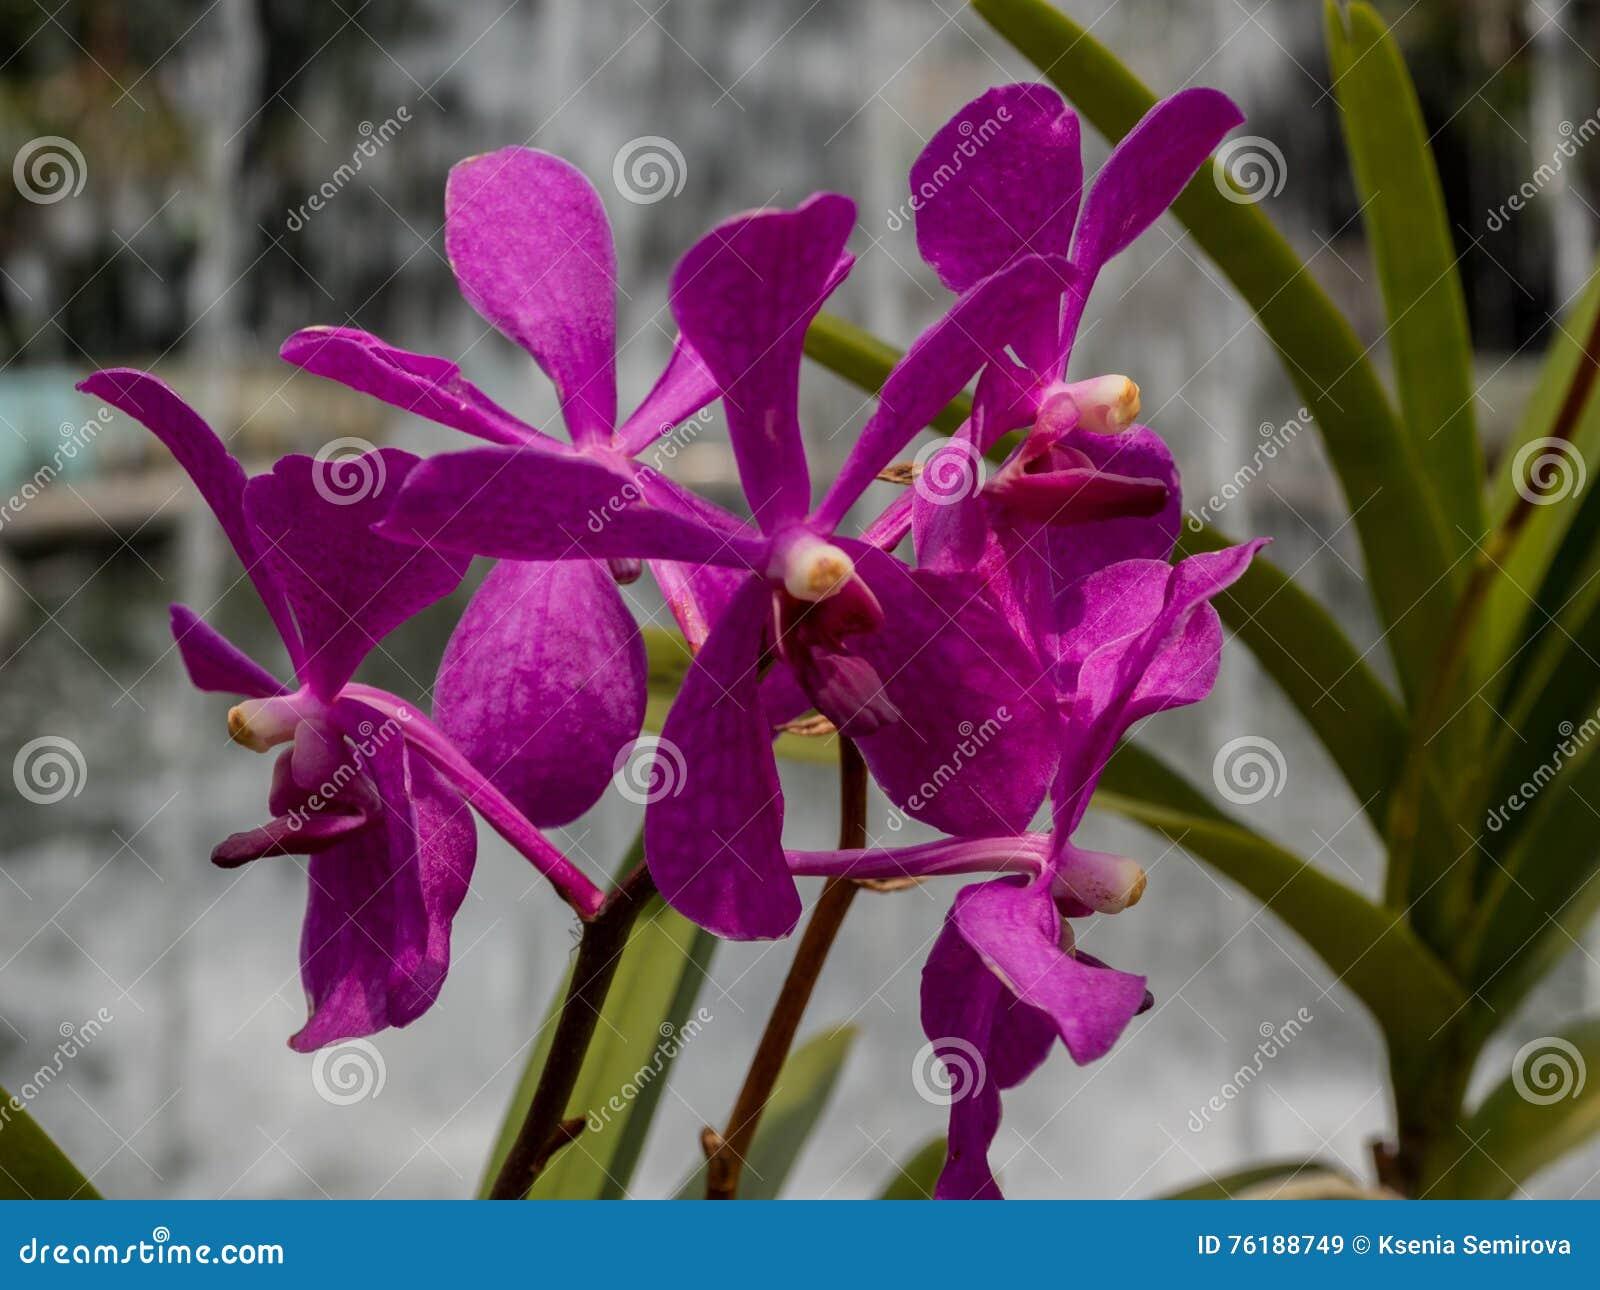 Violette Orchidee draußen, frische Blumen